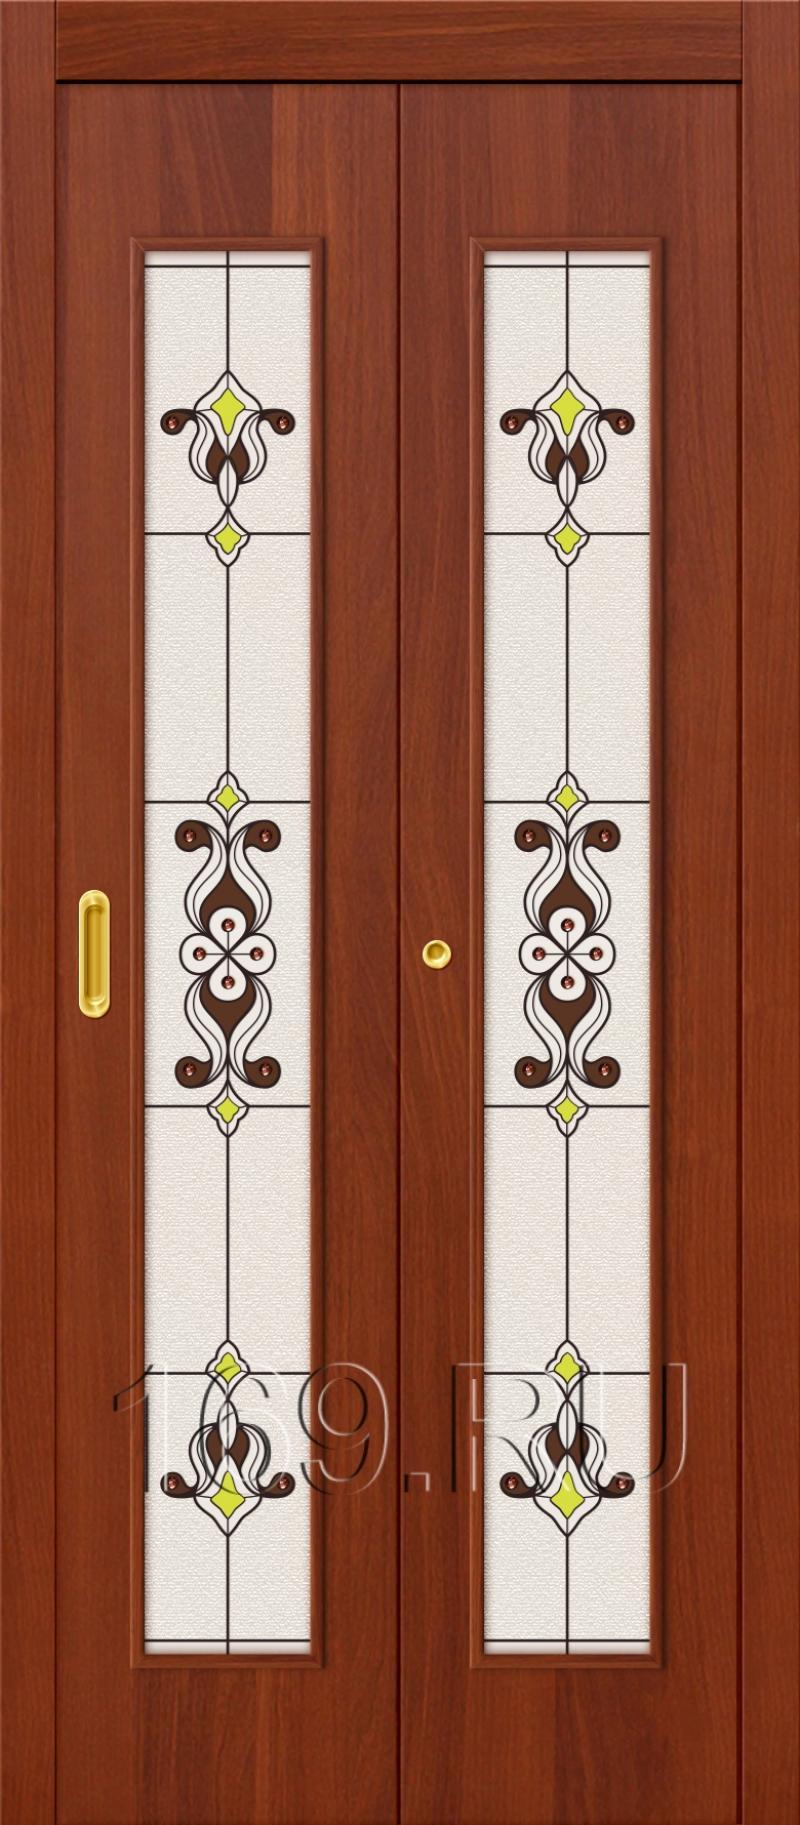 Складные дверь ламинированные 23х л-11 (италорех) остекленна.